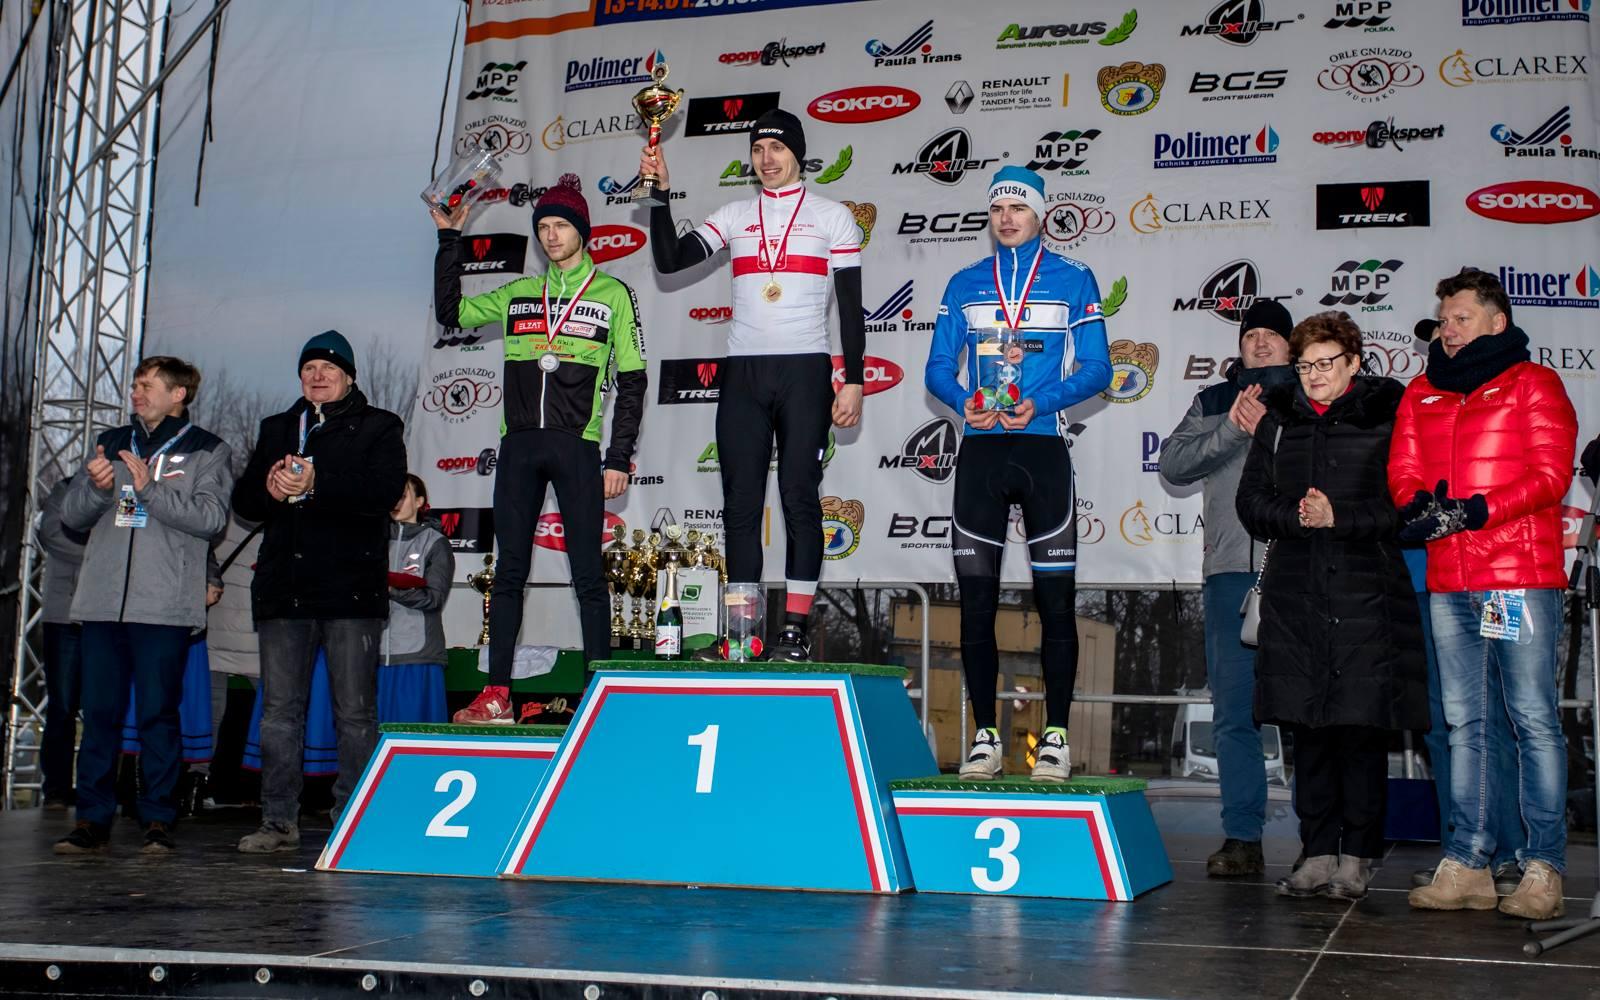 """Arkadiusz Mirek (KCP Elzat Bieniasz Bike): """"sezon przełajowy miał być tylko dobrym treningiem"""""""